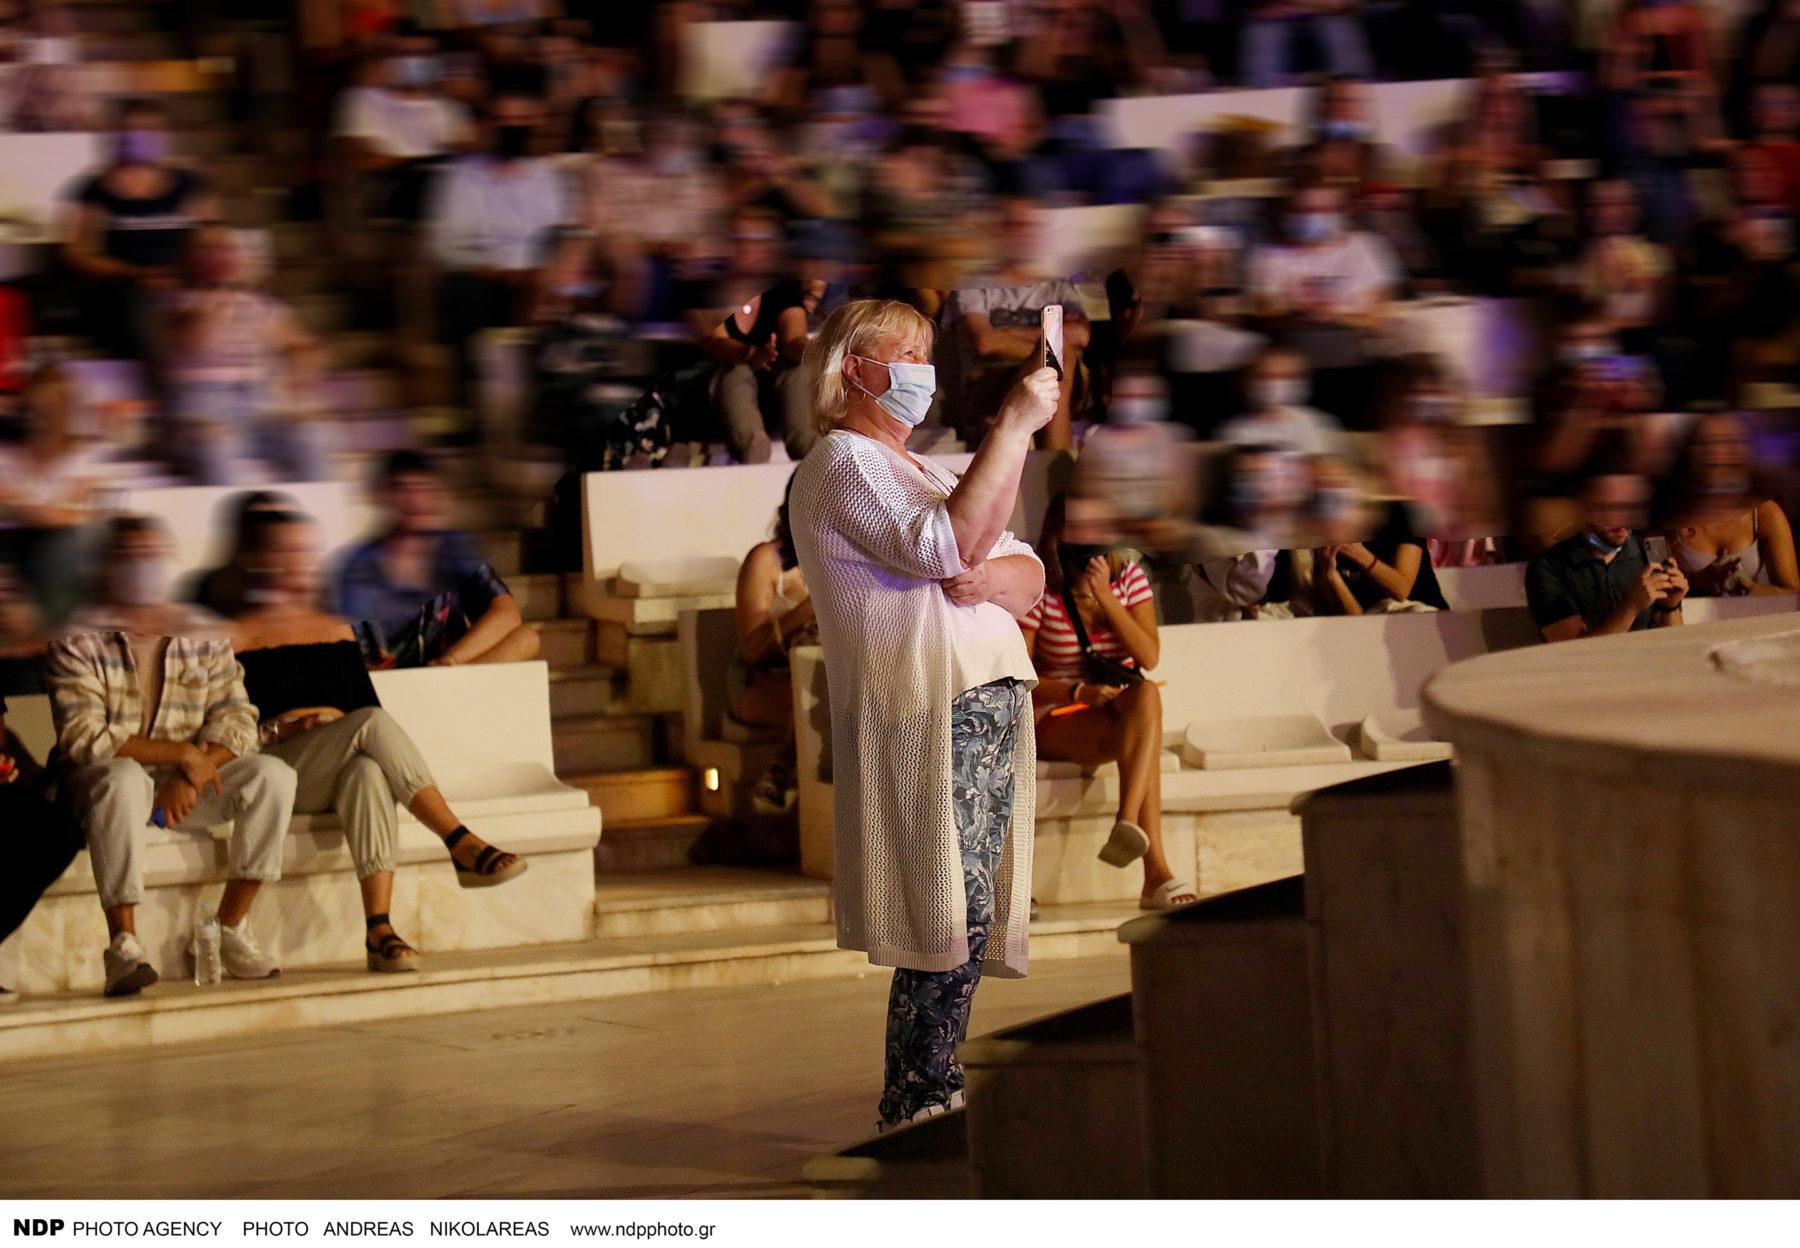 Έλενα Παπαρίζου: Η μητέρα της είναι η μεγαλύτερη θαυμάστριά της [φωτογραφίες]